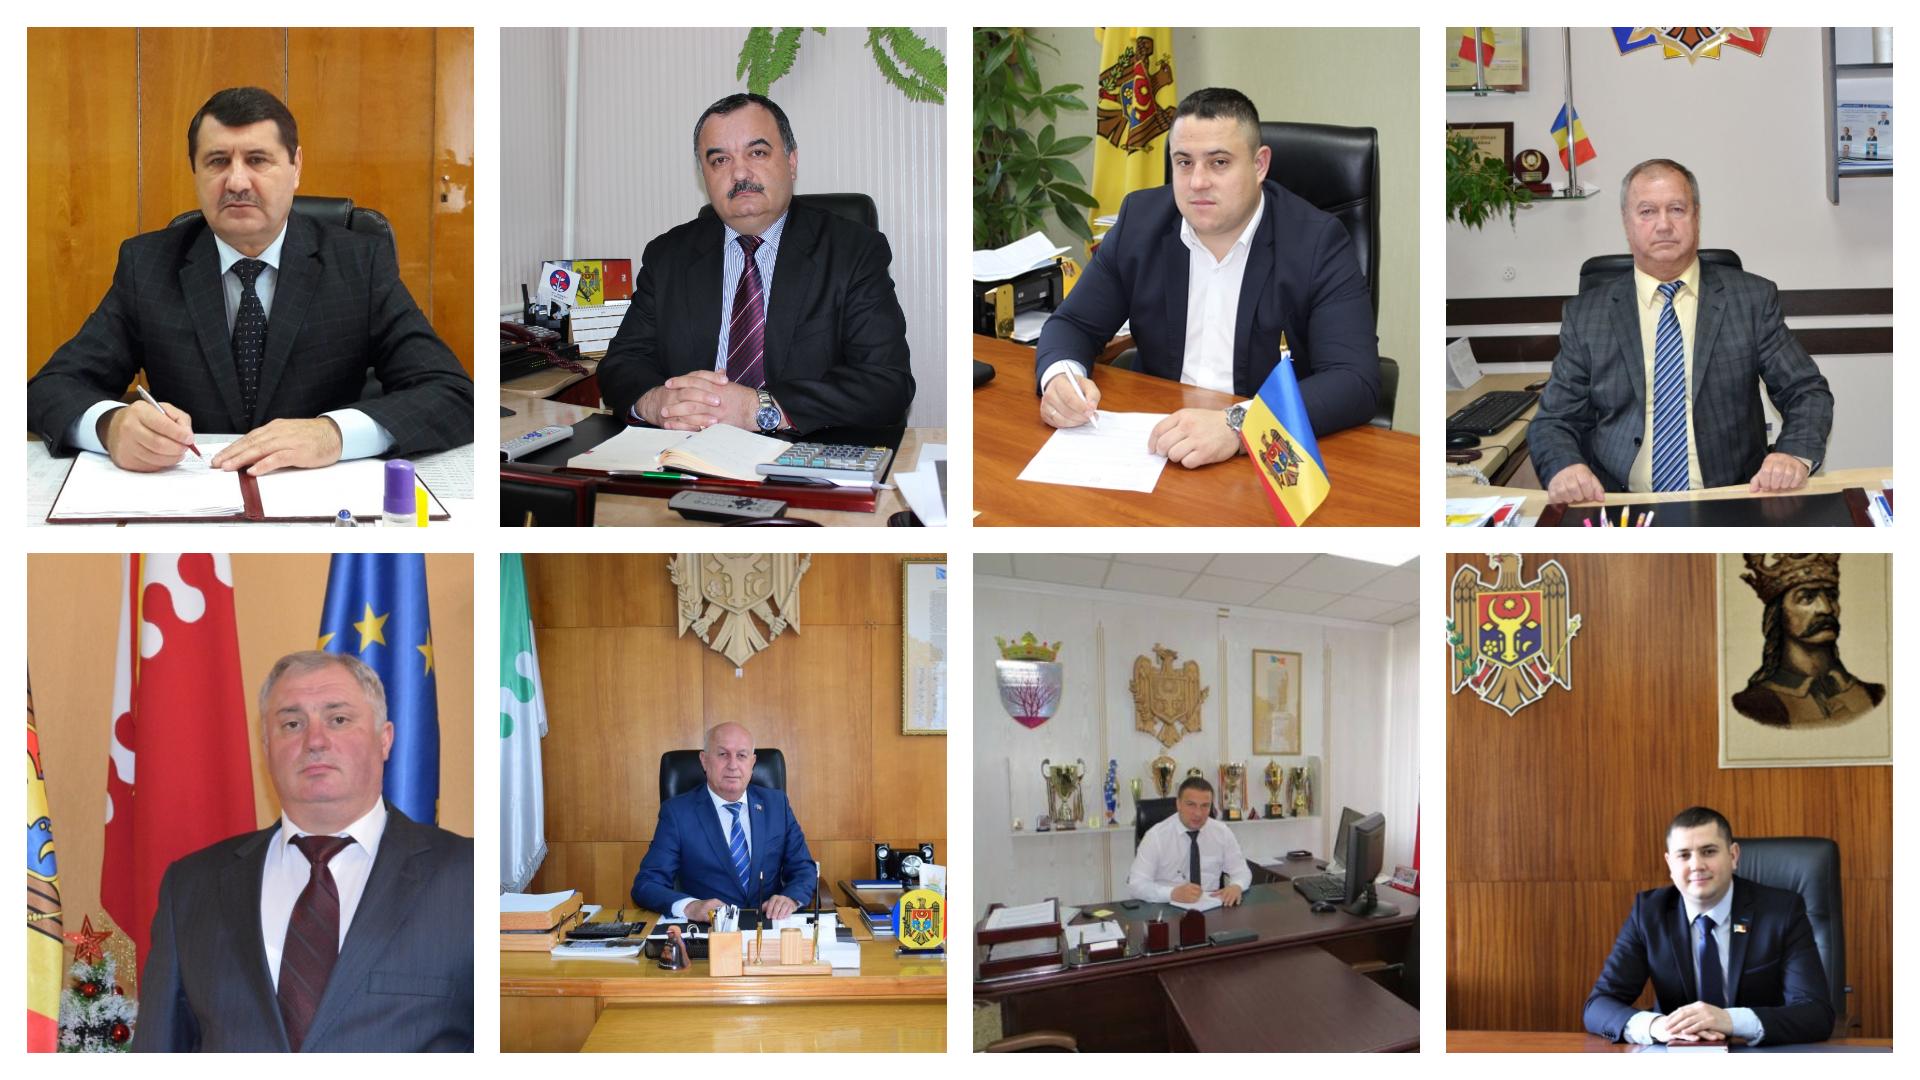 Președinții de raion din nordul republicii, membri ai PDM, sunt adevărați latifundiari